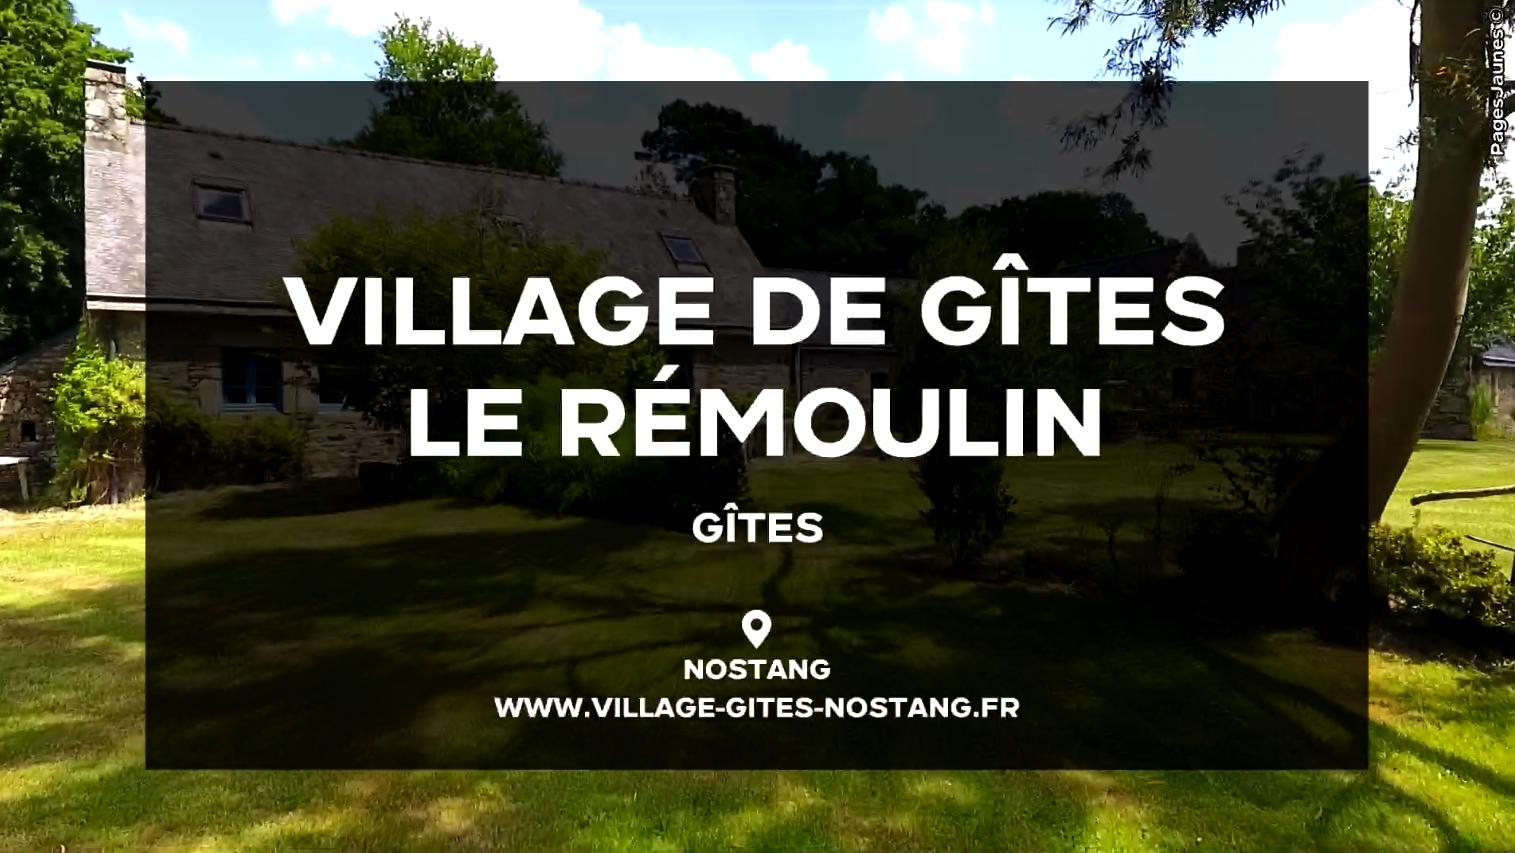 Village De Gîtes Le Remoulin - NOSTANG